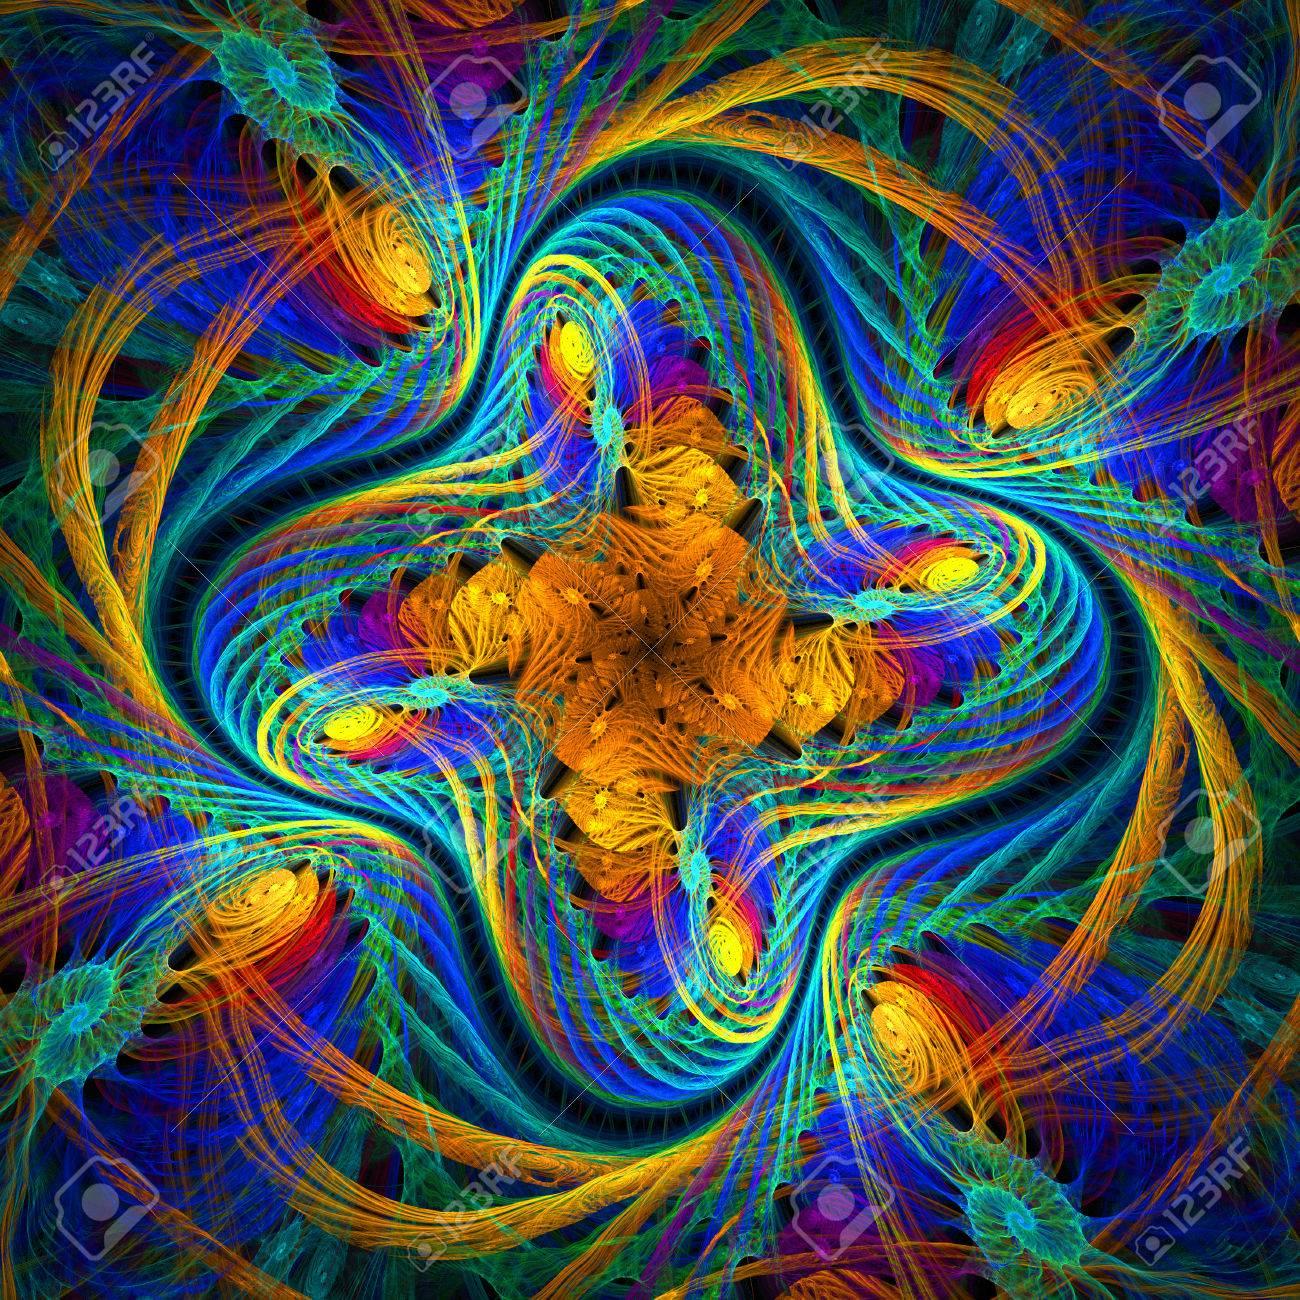 Schone Fraktale Muster Im Stil Der Strickware